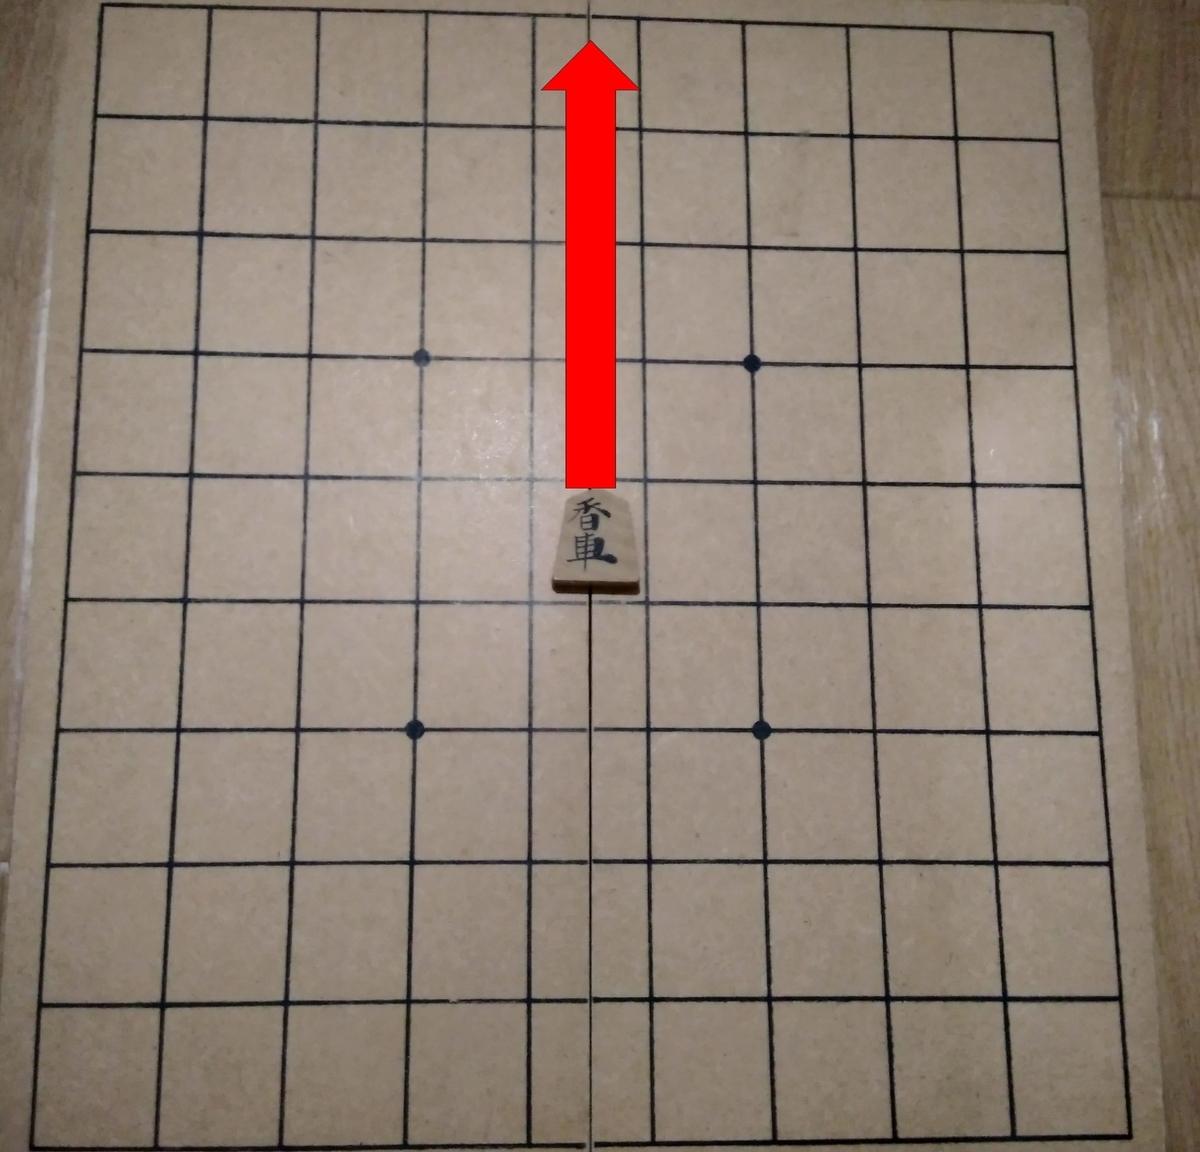 f:id:hinopocket:20200521180824j:plain